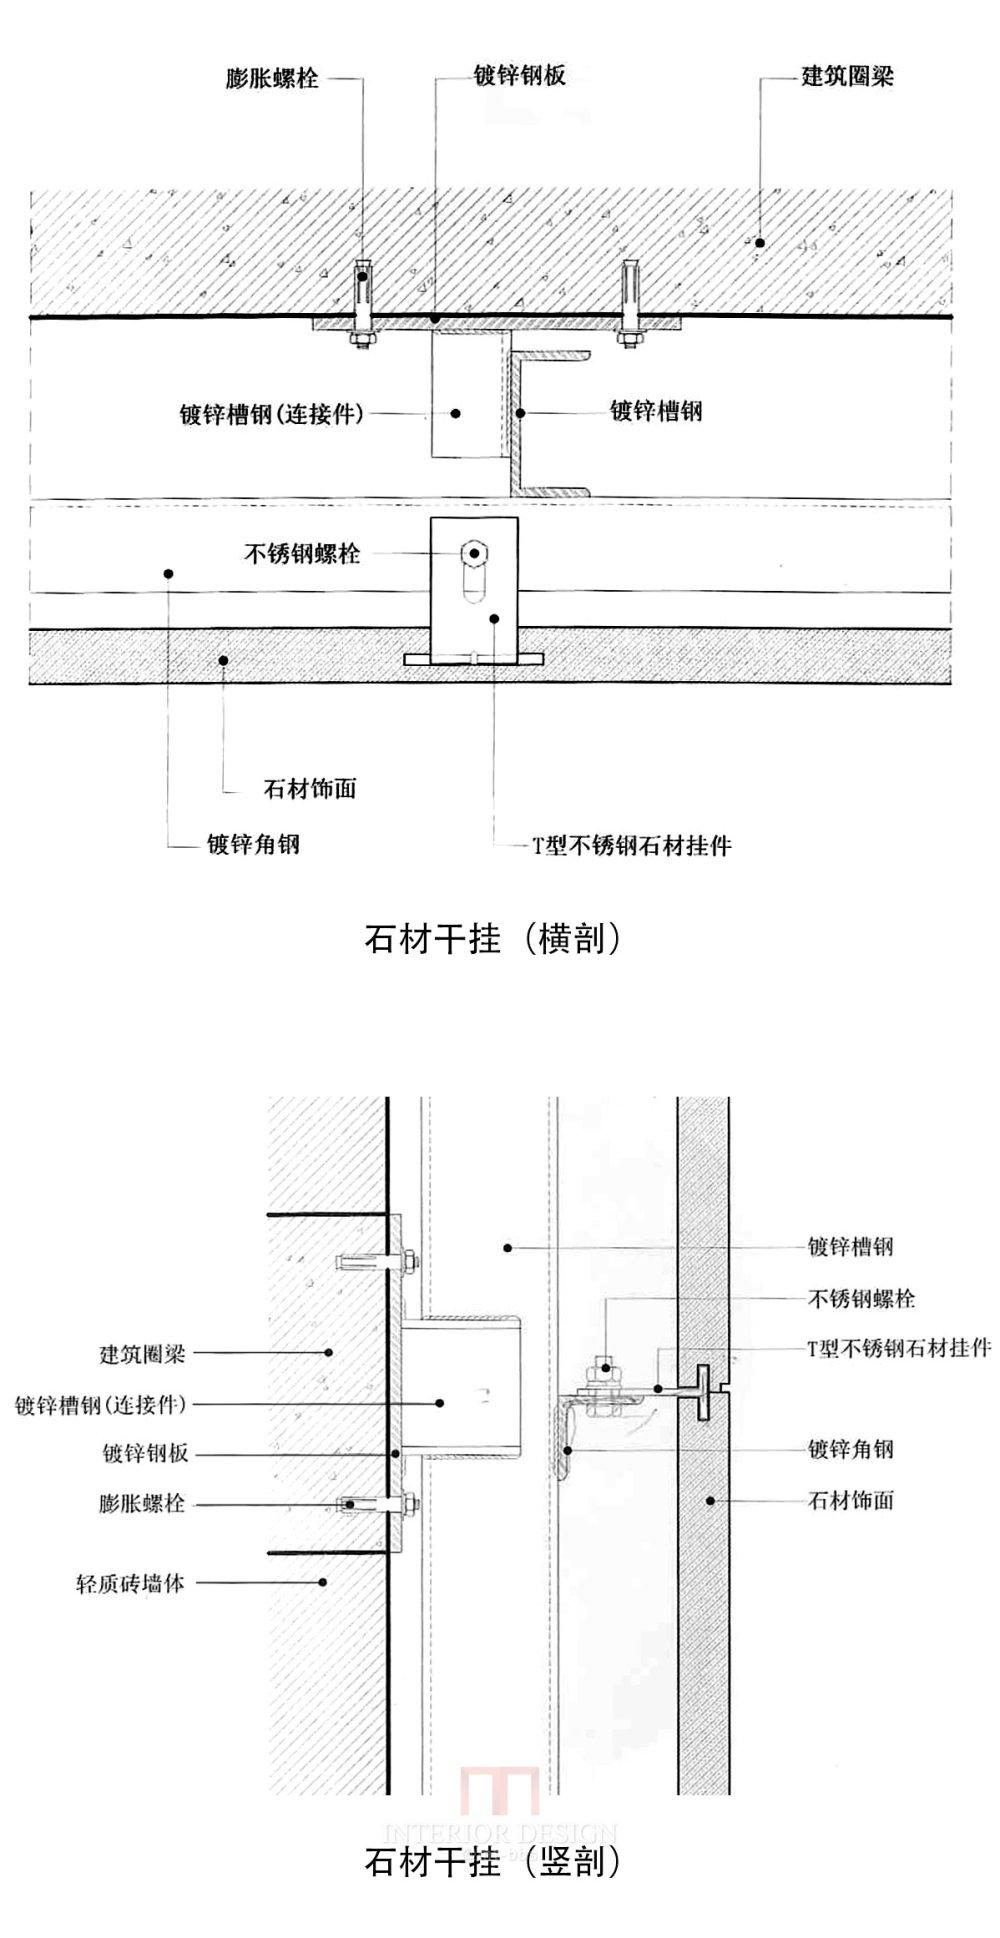 04-标准图-CAD.jpg